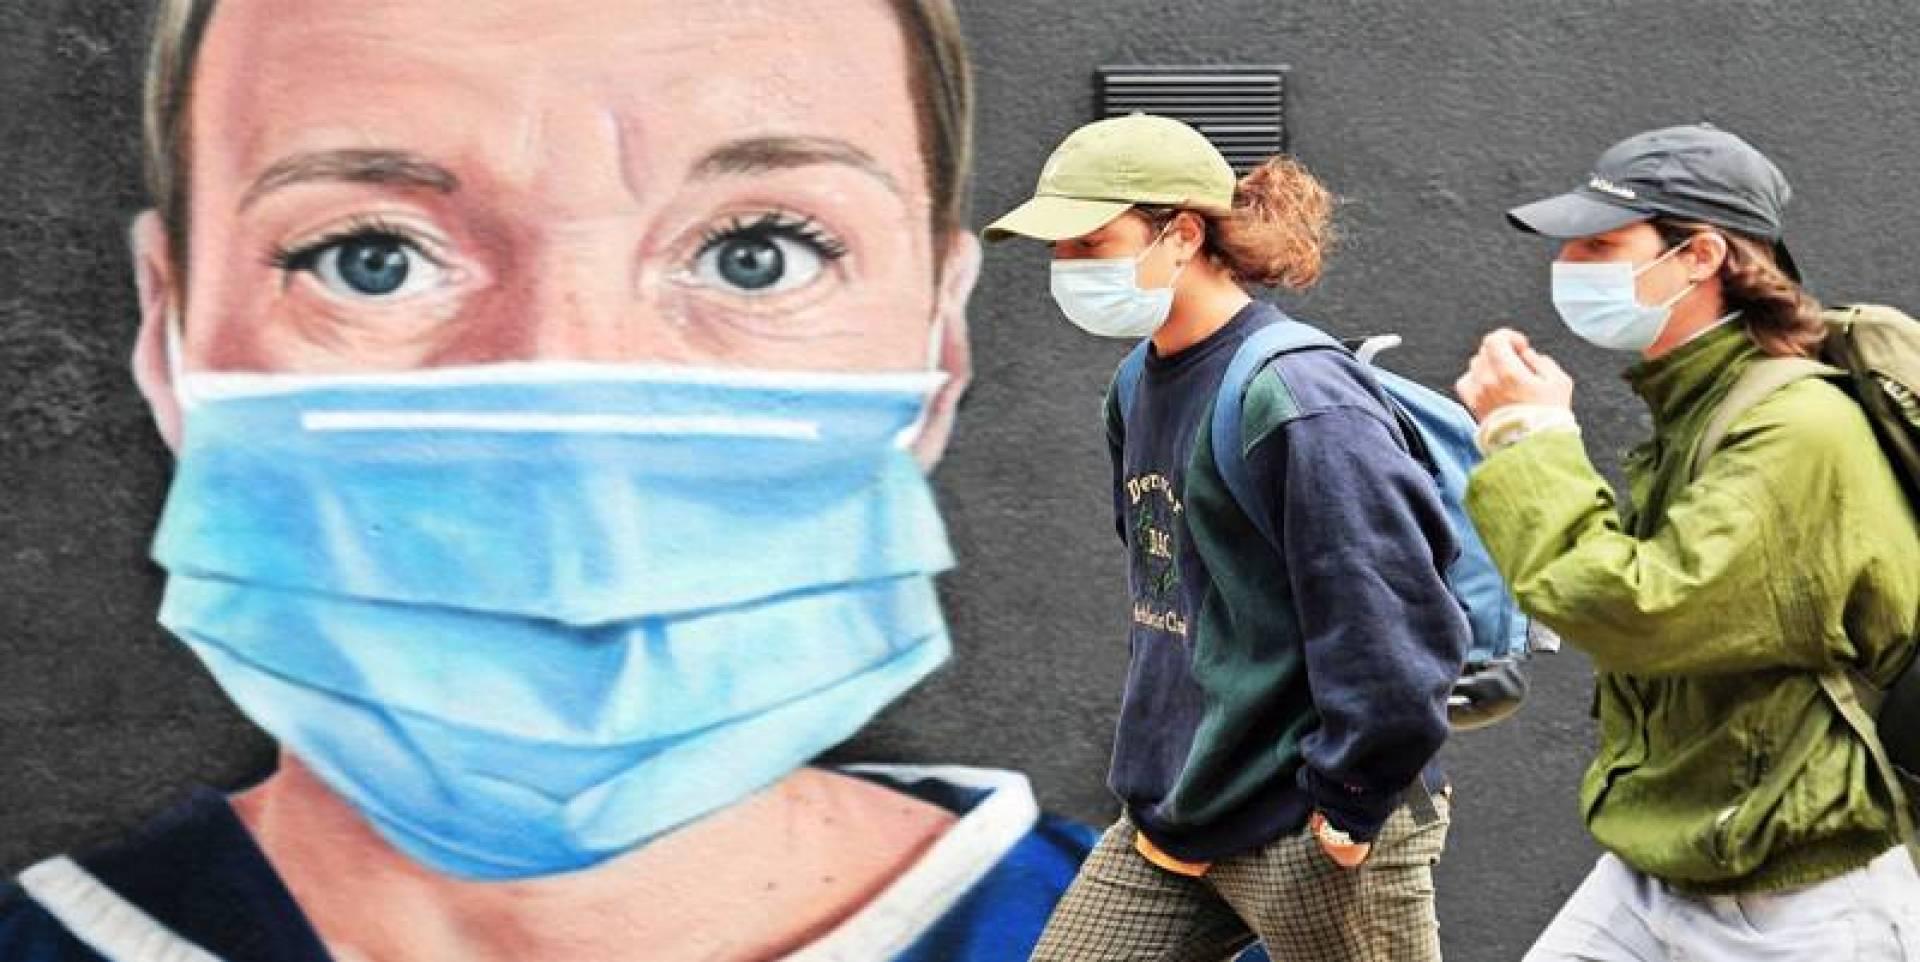 بريطانيان يمشيان قرب جدارية لممرضة تضع كماماً في مانشستر شمال غربي إنكلترا (أ.ف.ب)